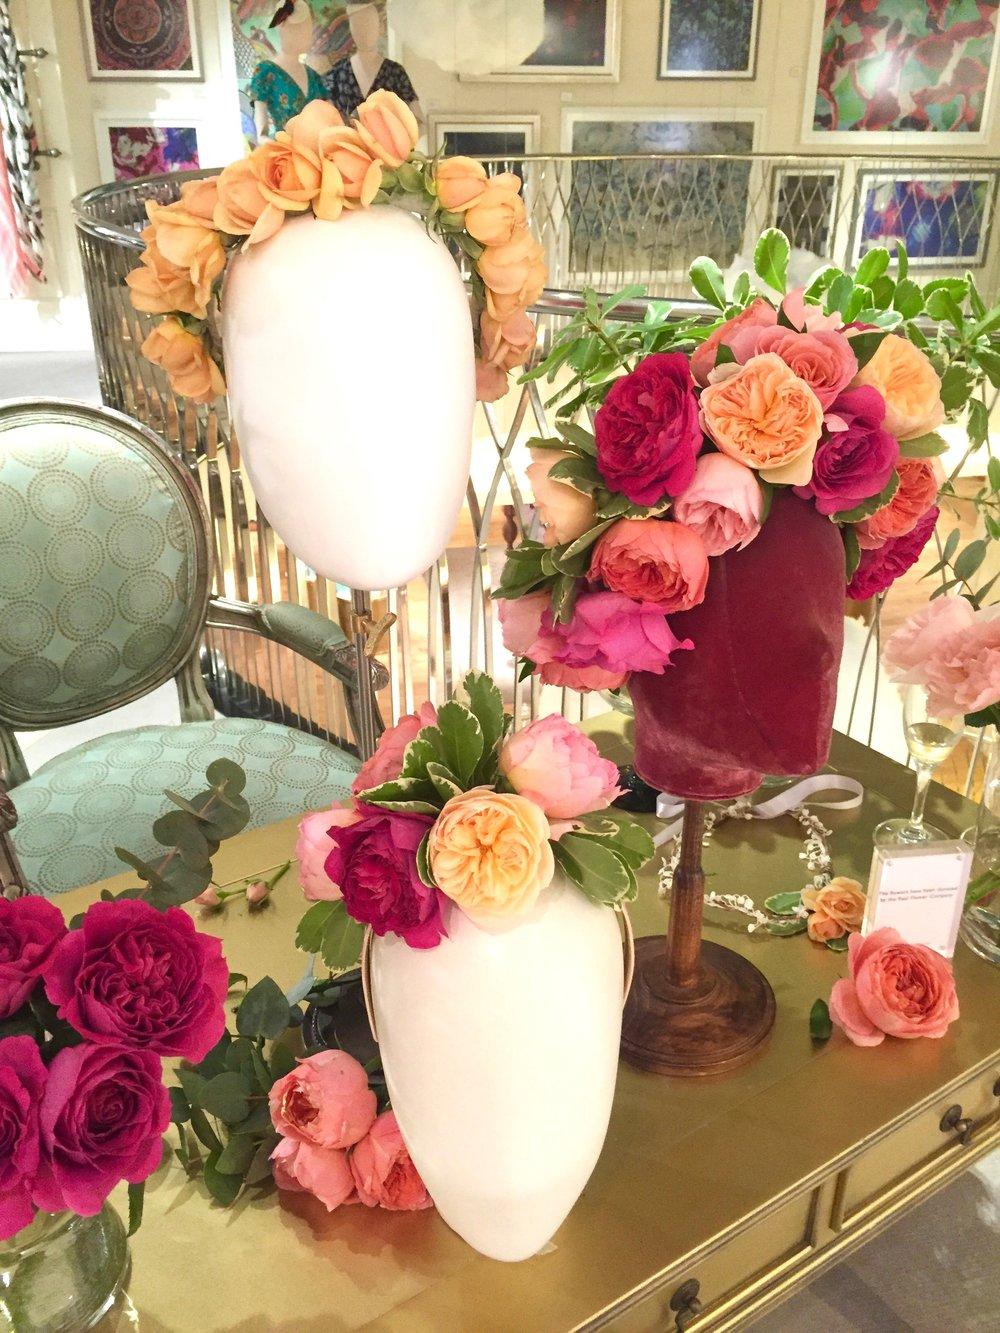 Live floristry demonstration at Fortnum & Mason